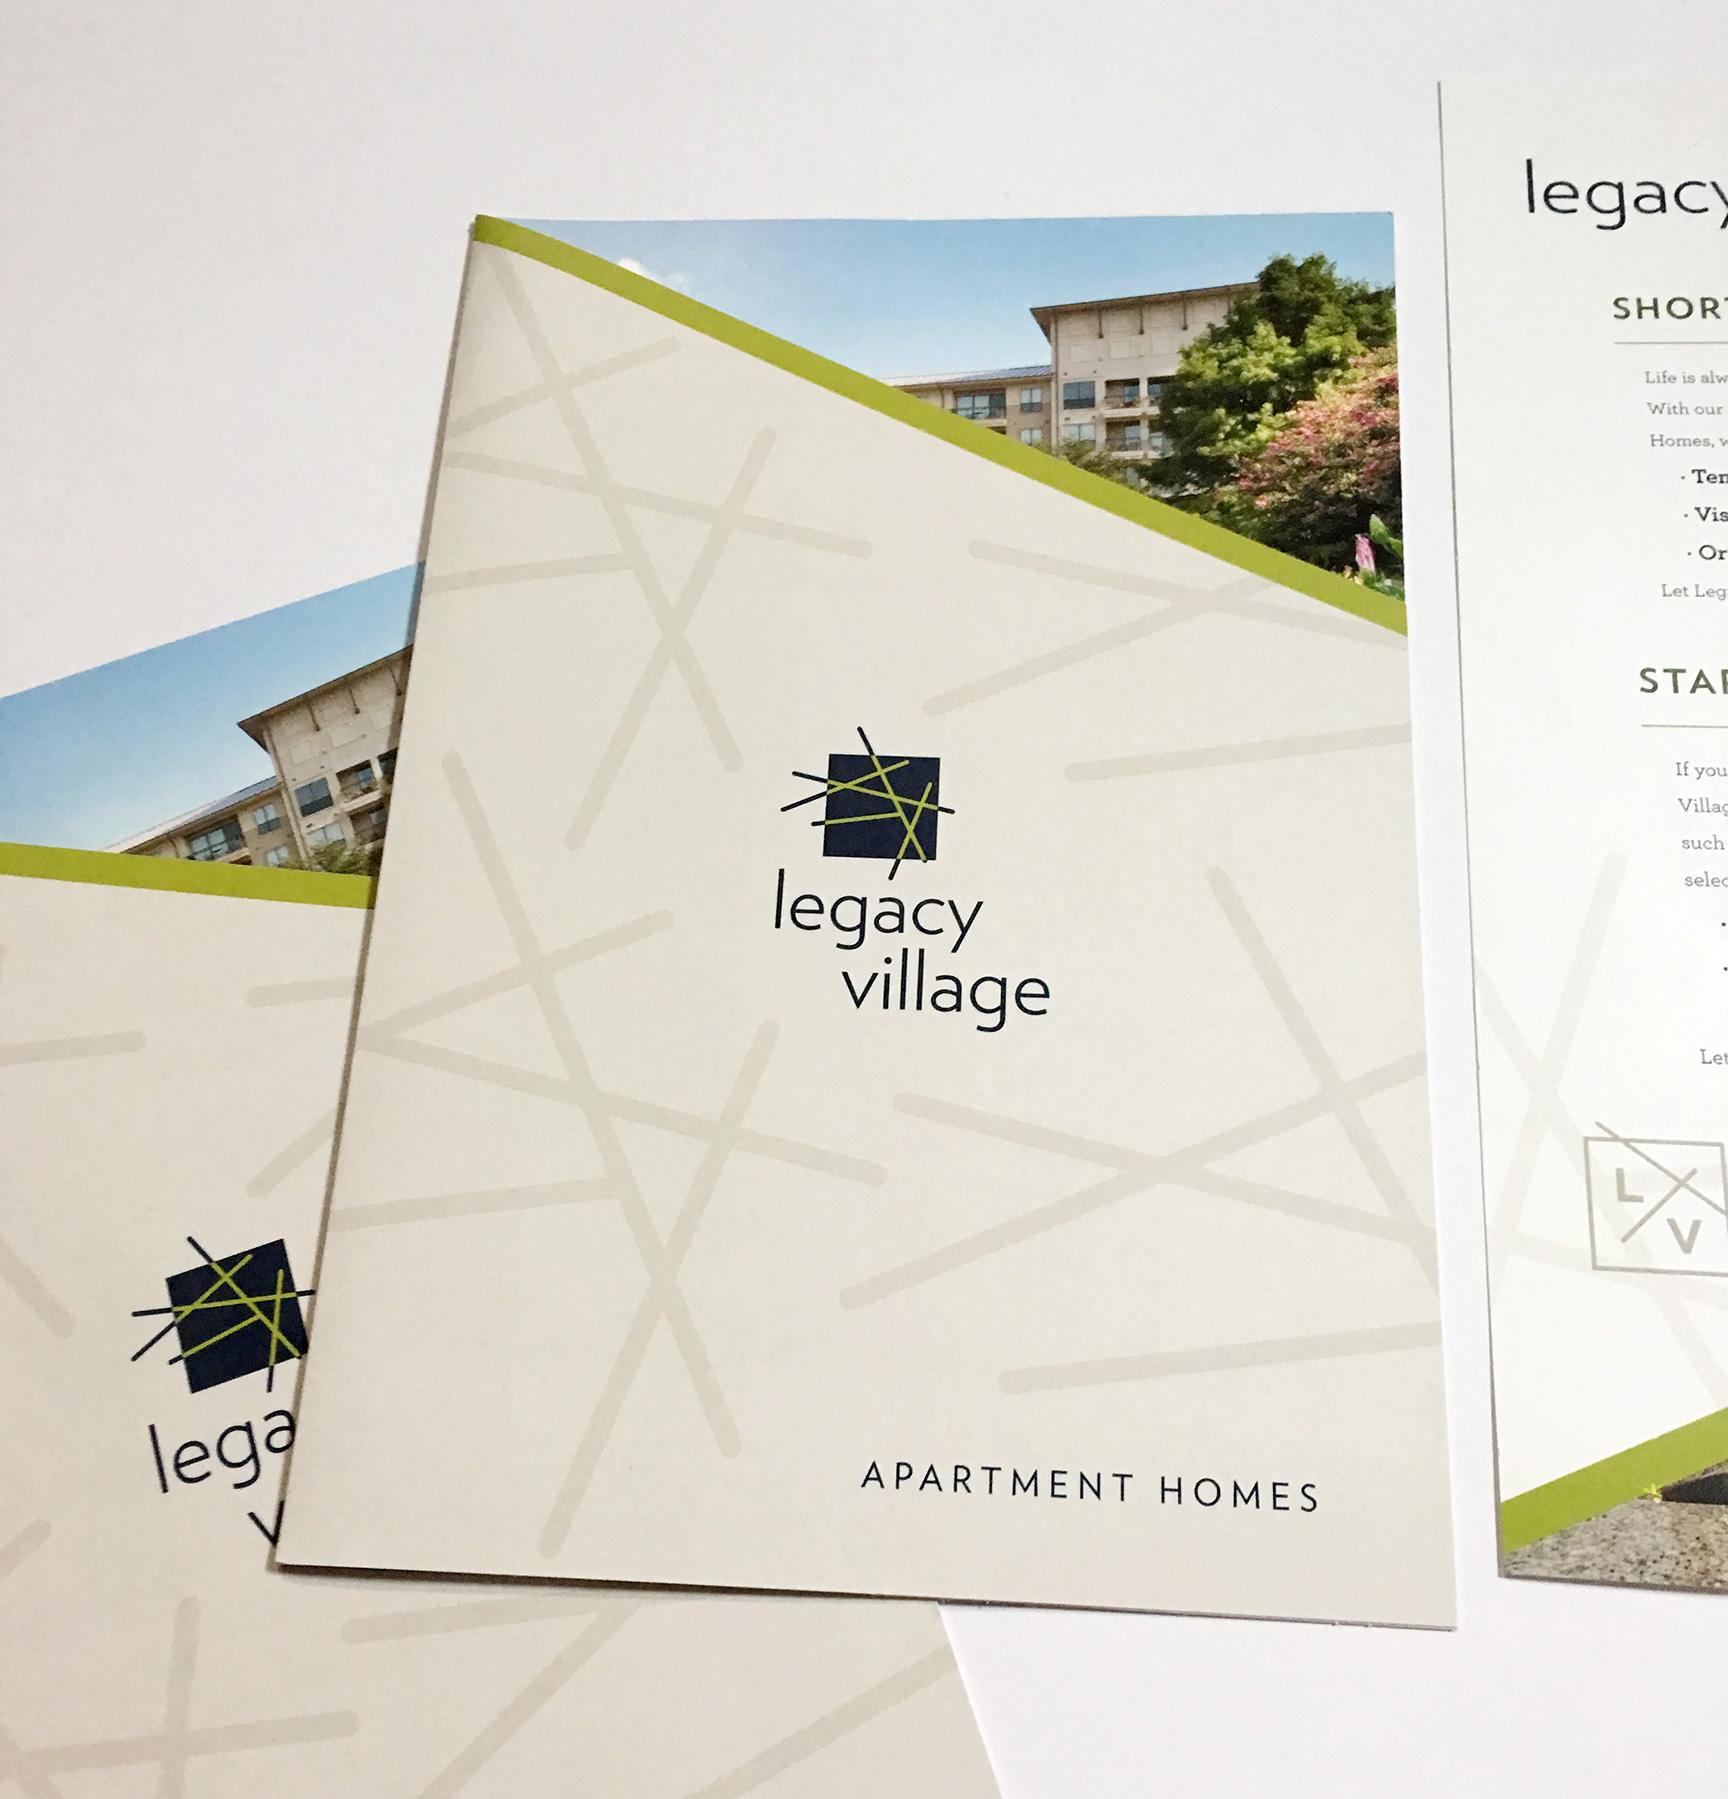 BrochuresLegacyIMG_9466.jpg